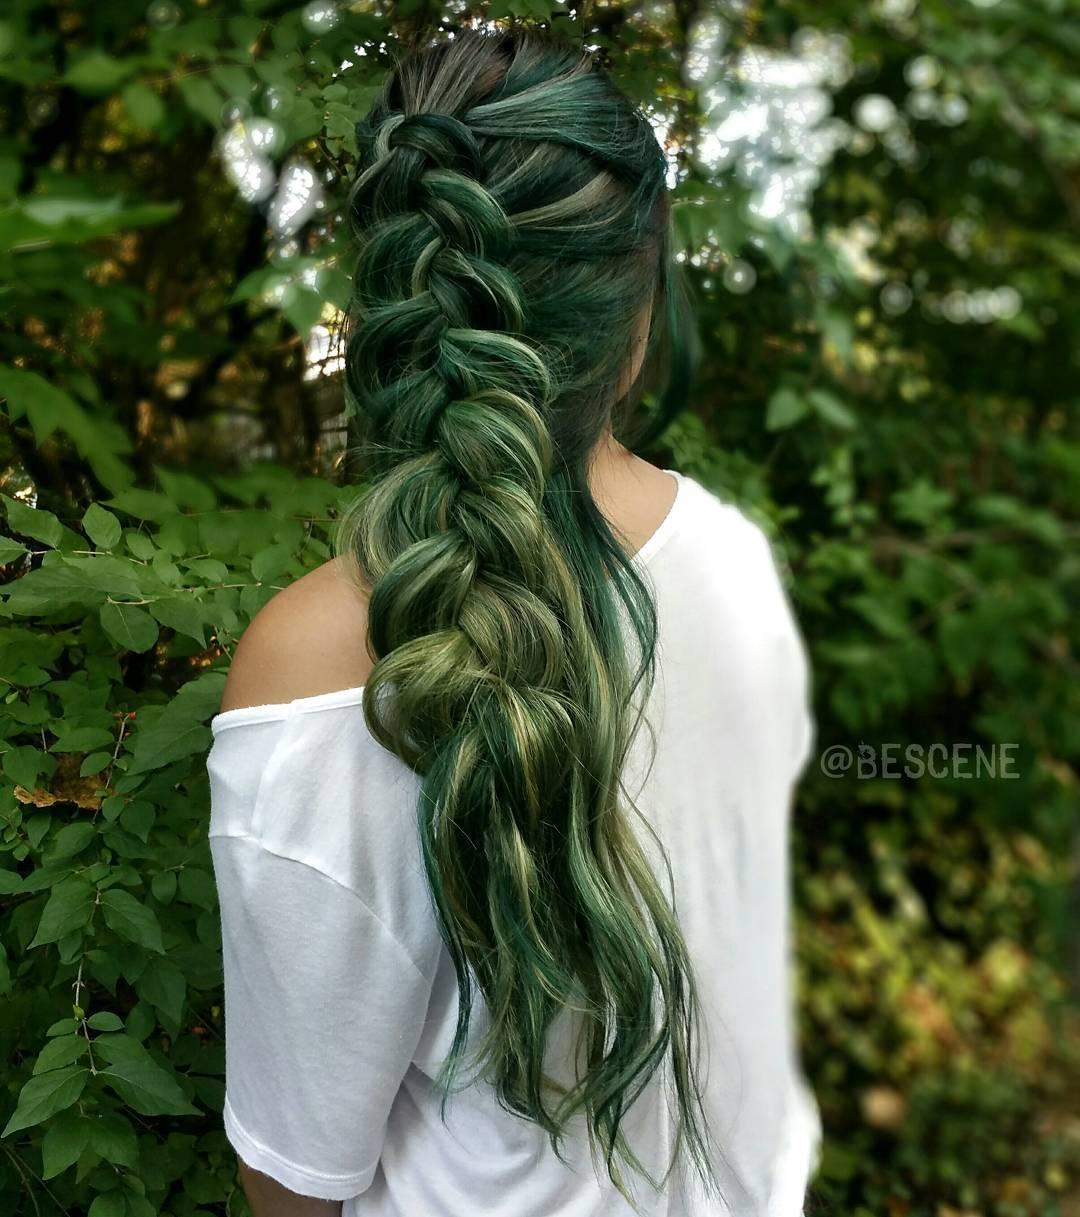 Green hair streaks in black hair